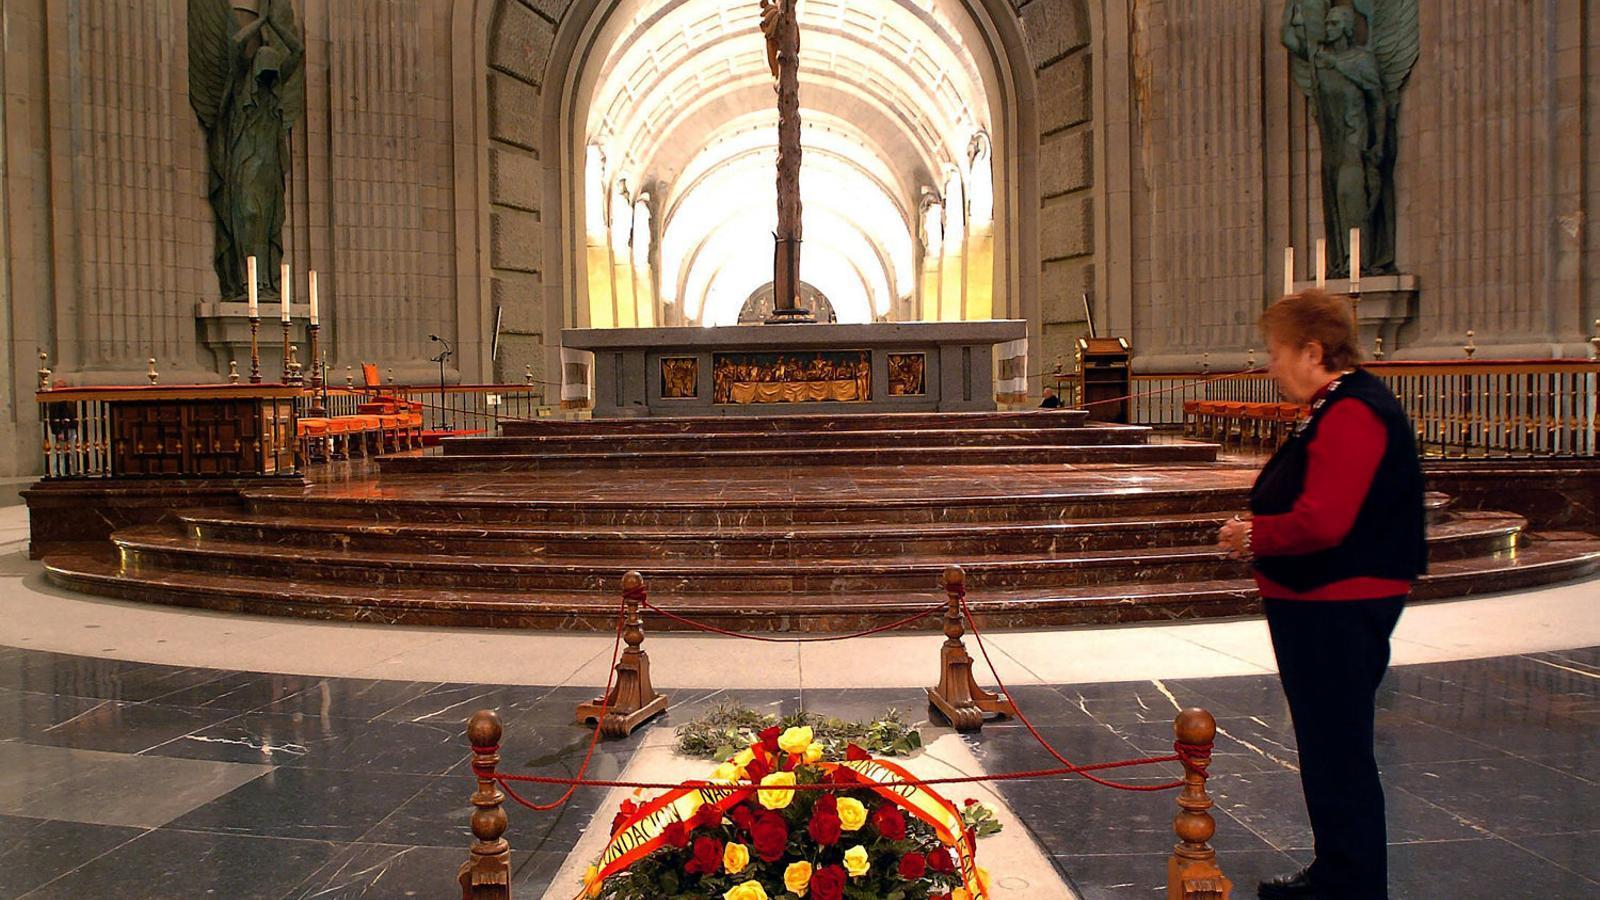 La Moncloa diu que no s'enterrarà Franco a l'Almudena i el Vaticà evita posicionar-se